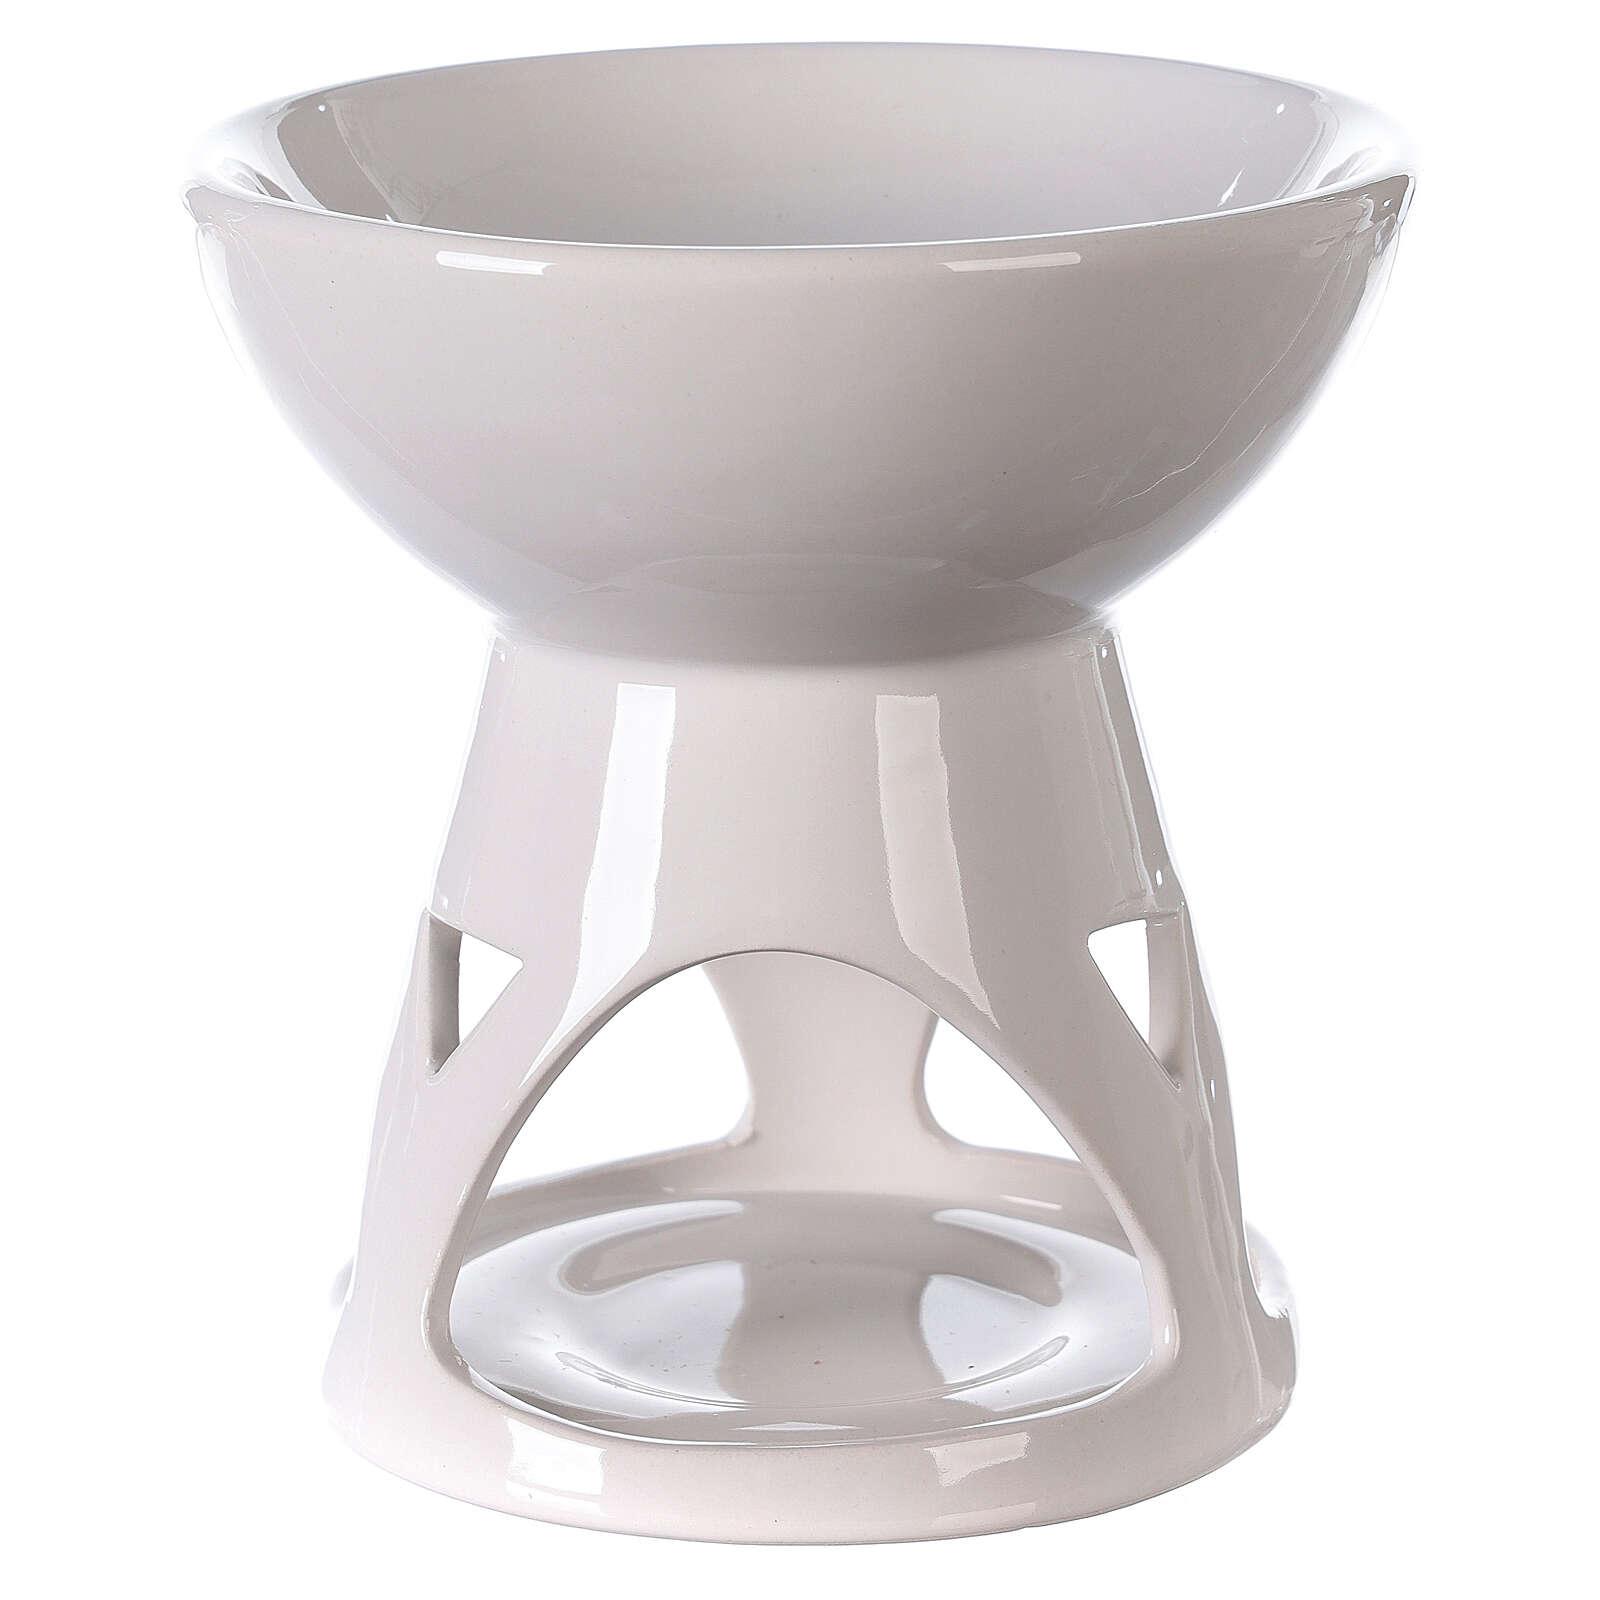 Diffusore ceramica smalto bianco 12x12 cm 3